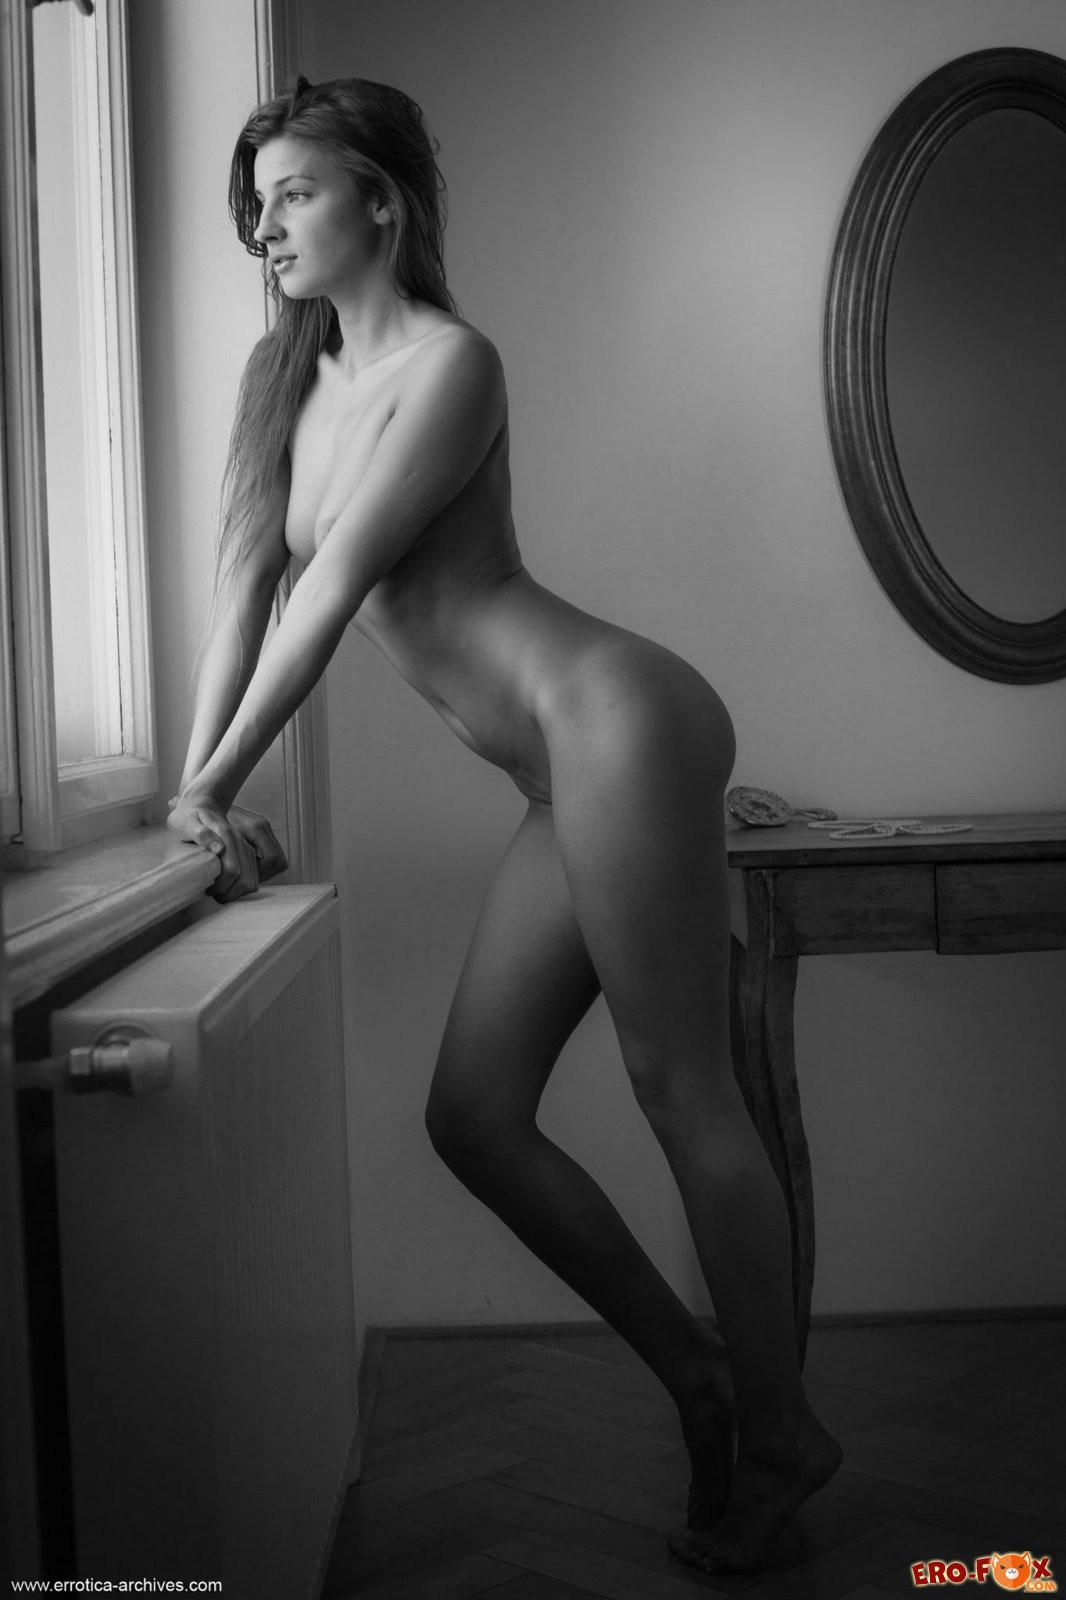 Голая девушка в чёрно белых цветах - ню фото.